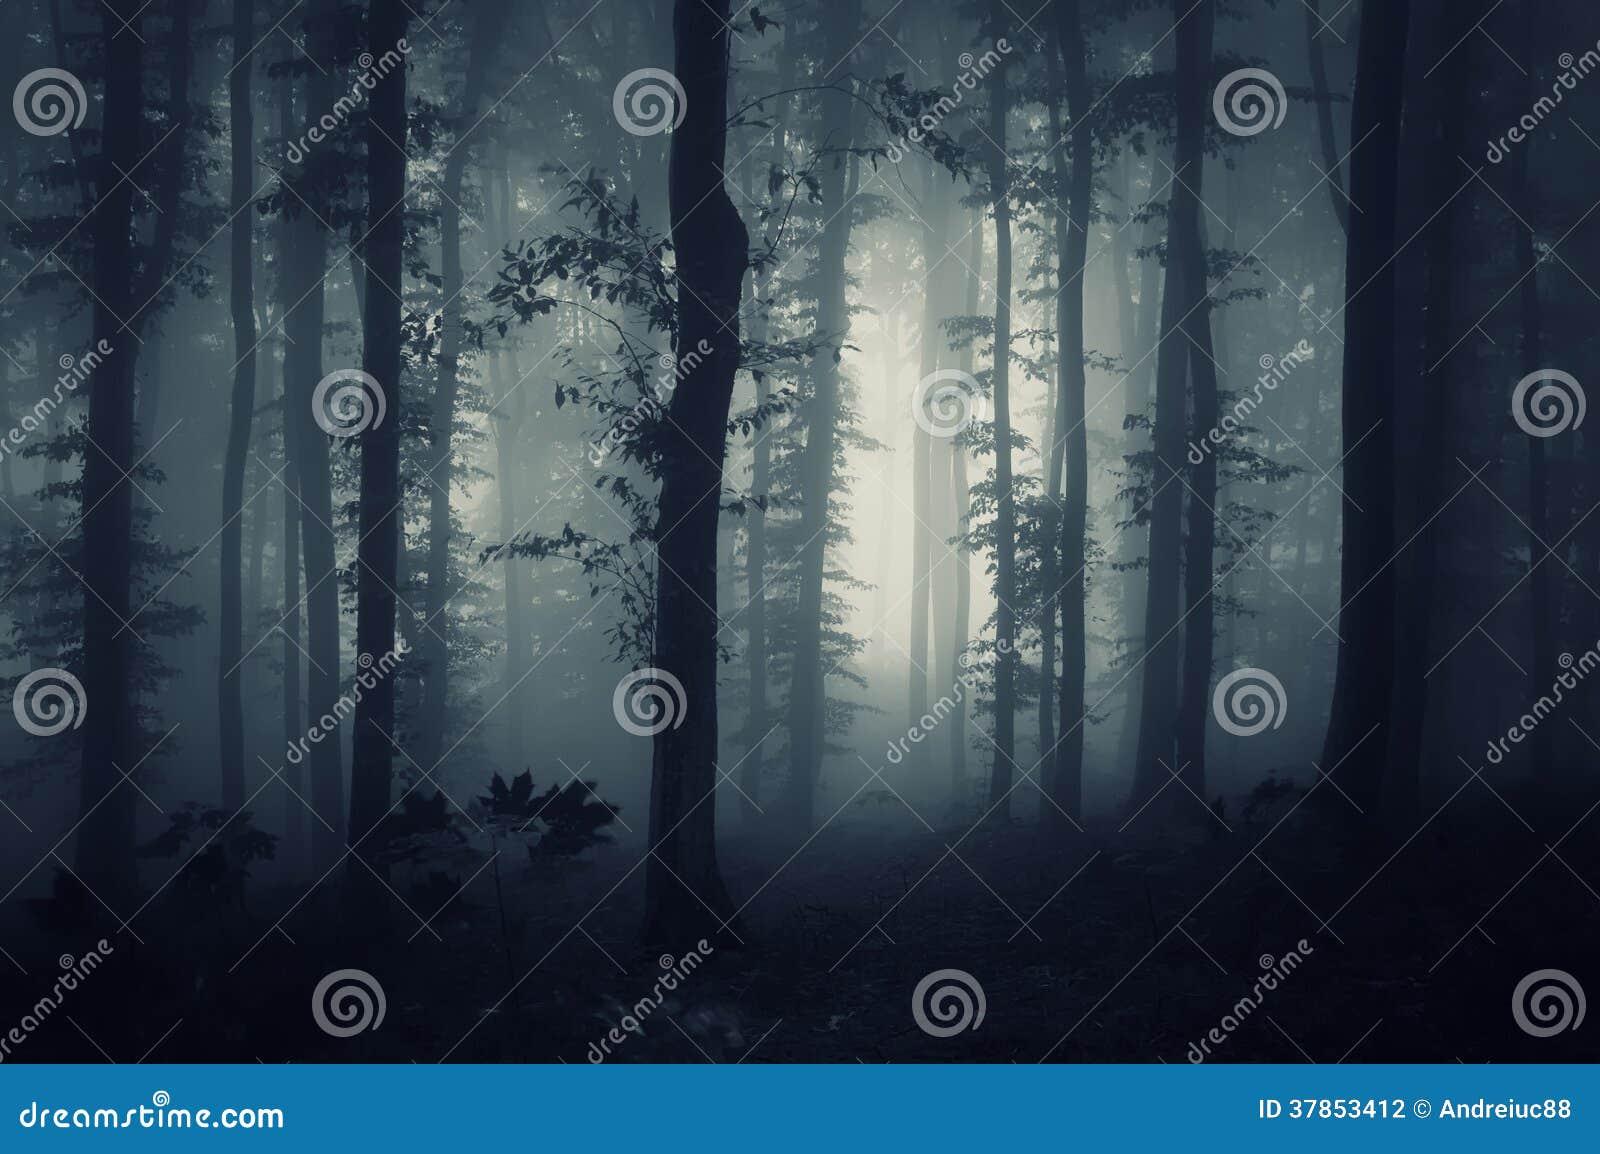 Tiefes dunkles Holz mit gruseligem Nebel